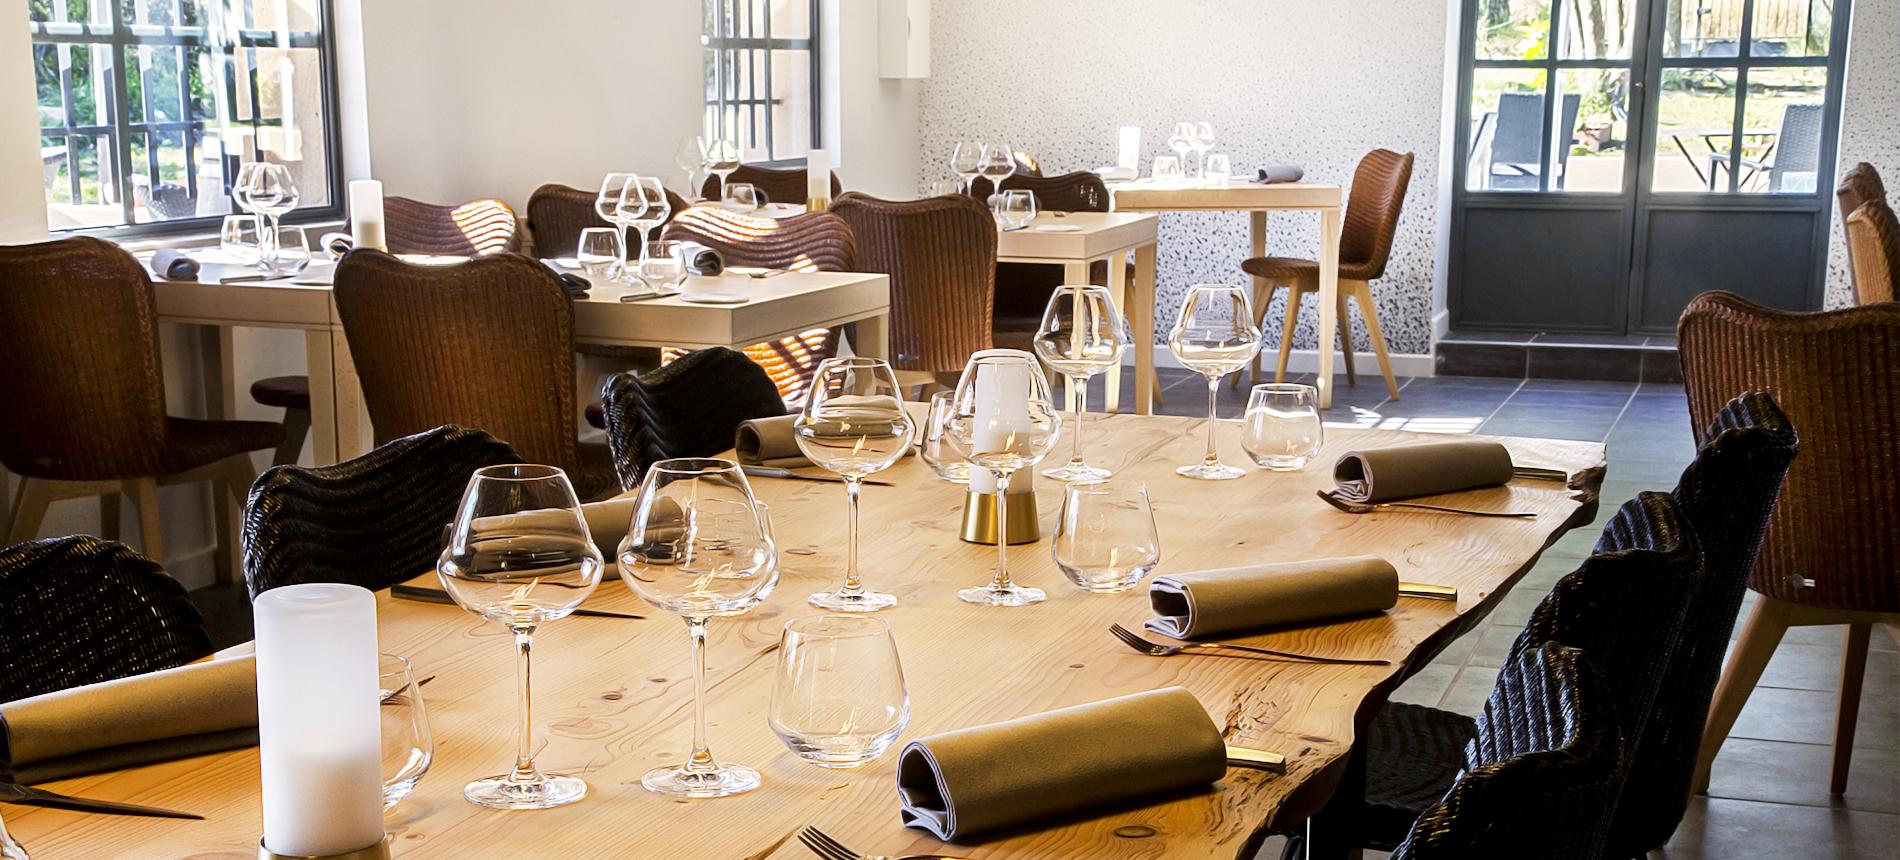 Restaurant aix en provence saint cannat le mas bottero for Aix cuisine du terroir restaurant montreal